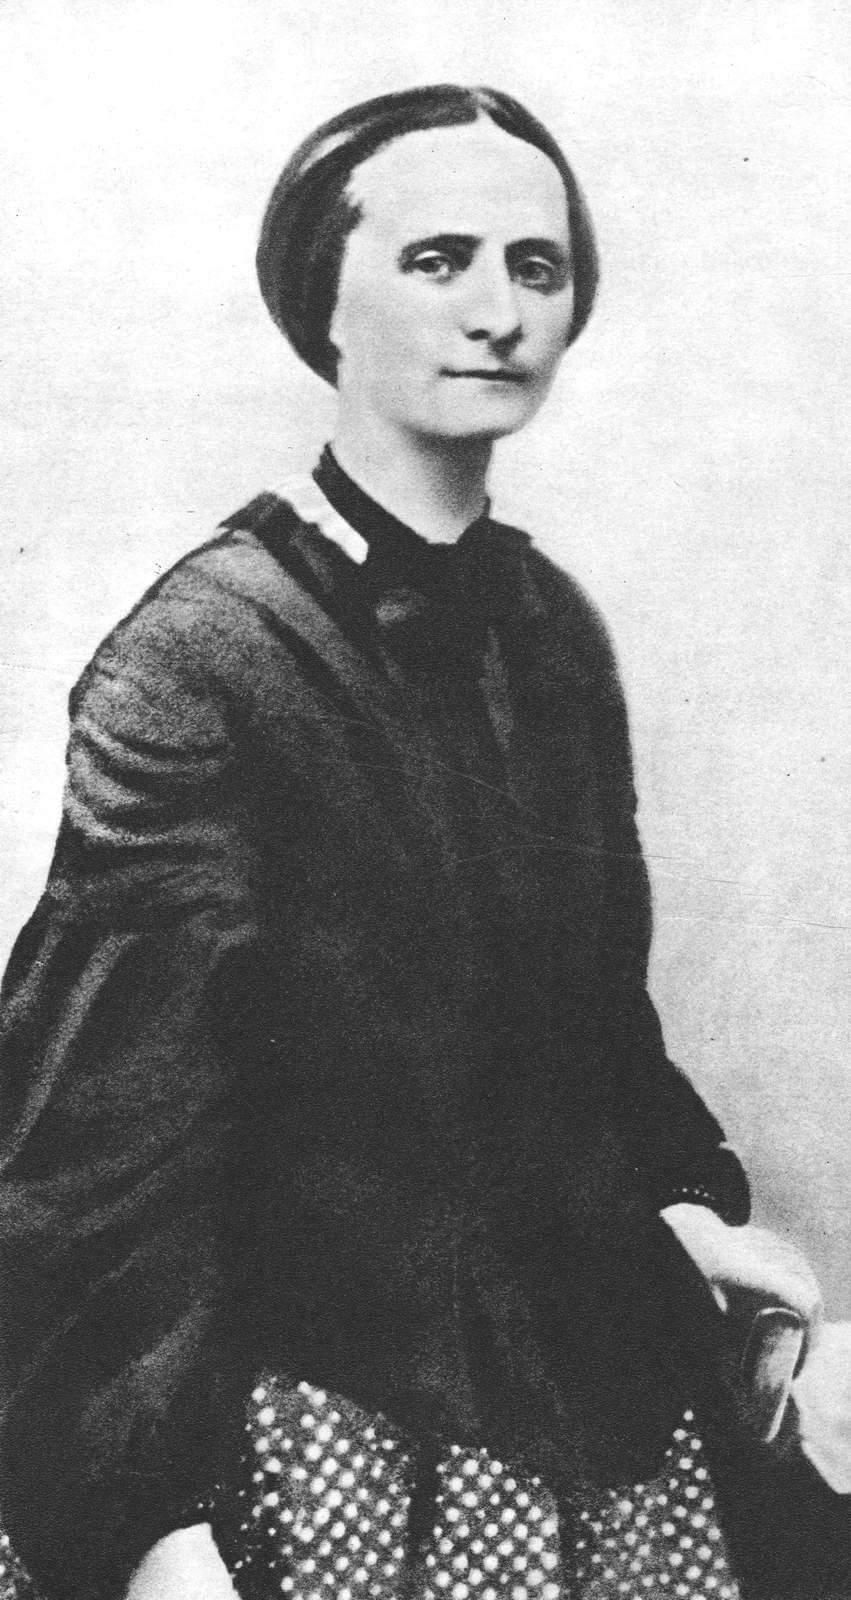 Božena Němcová. Public domain, via Wikimedia Commons